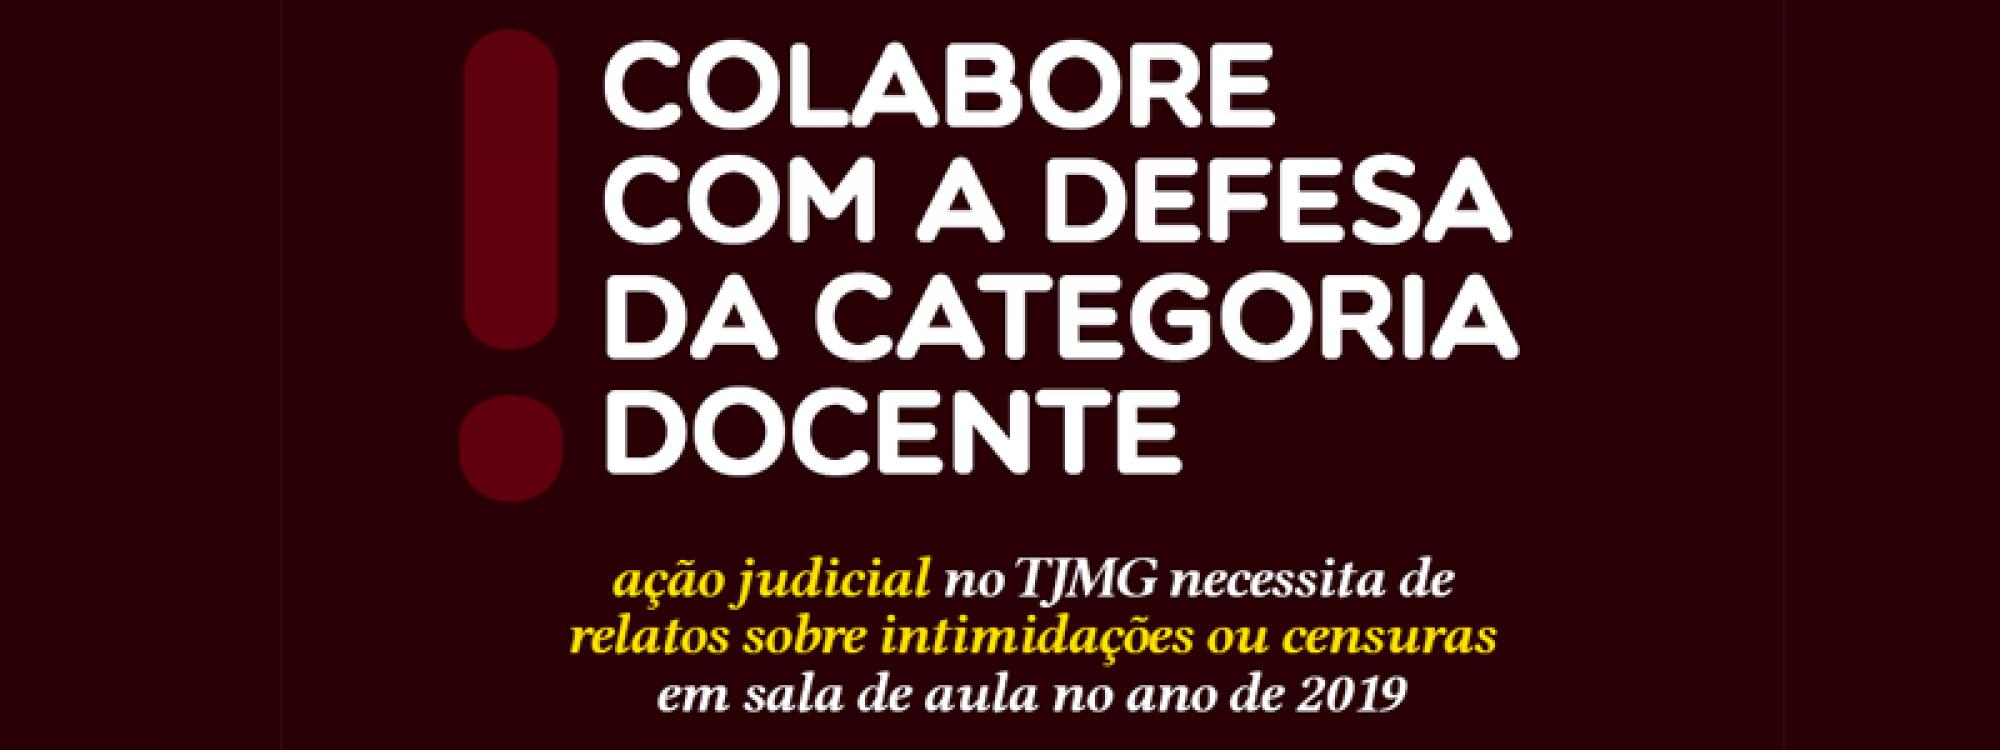 Colabore com a defesa da categoria docente: ação judicial no TJMG necessita de relatos sobre intimidações ou censuras em sala de aula no ano de 2019